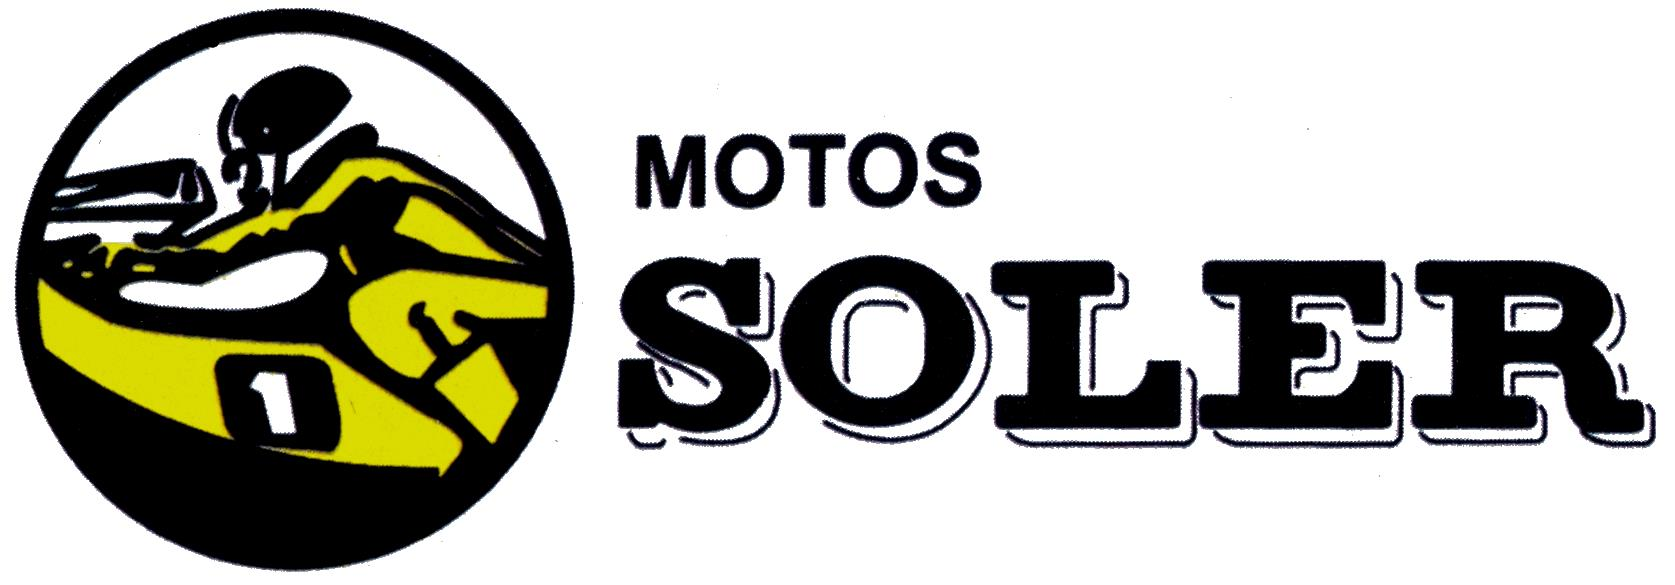 MOTOS SOLER